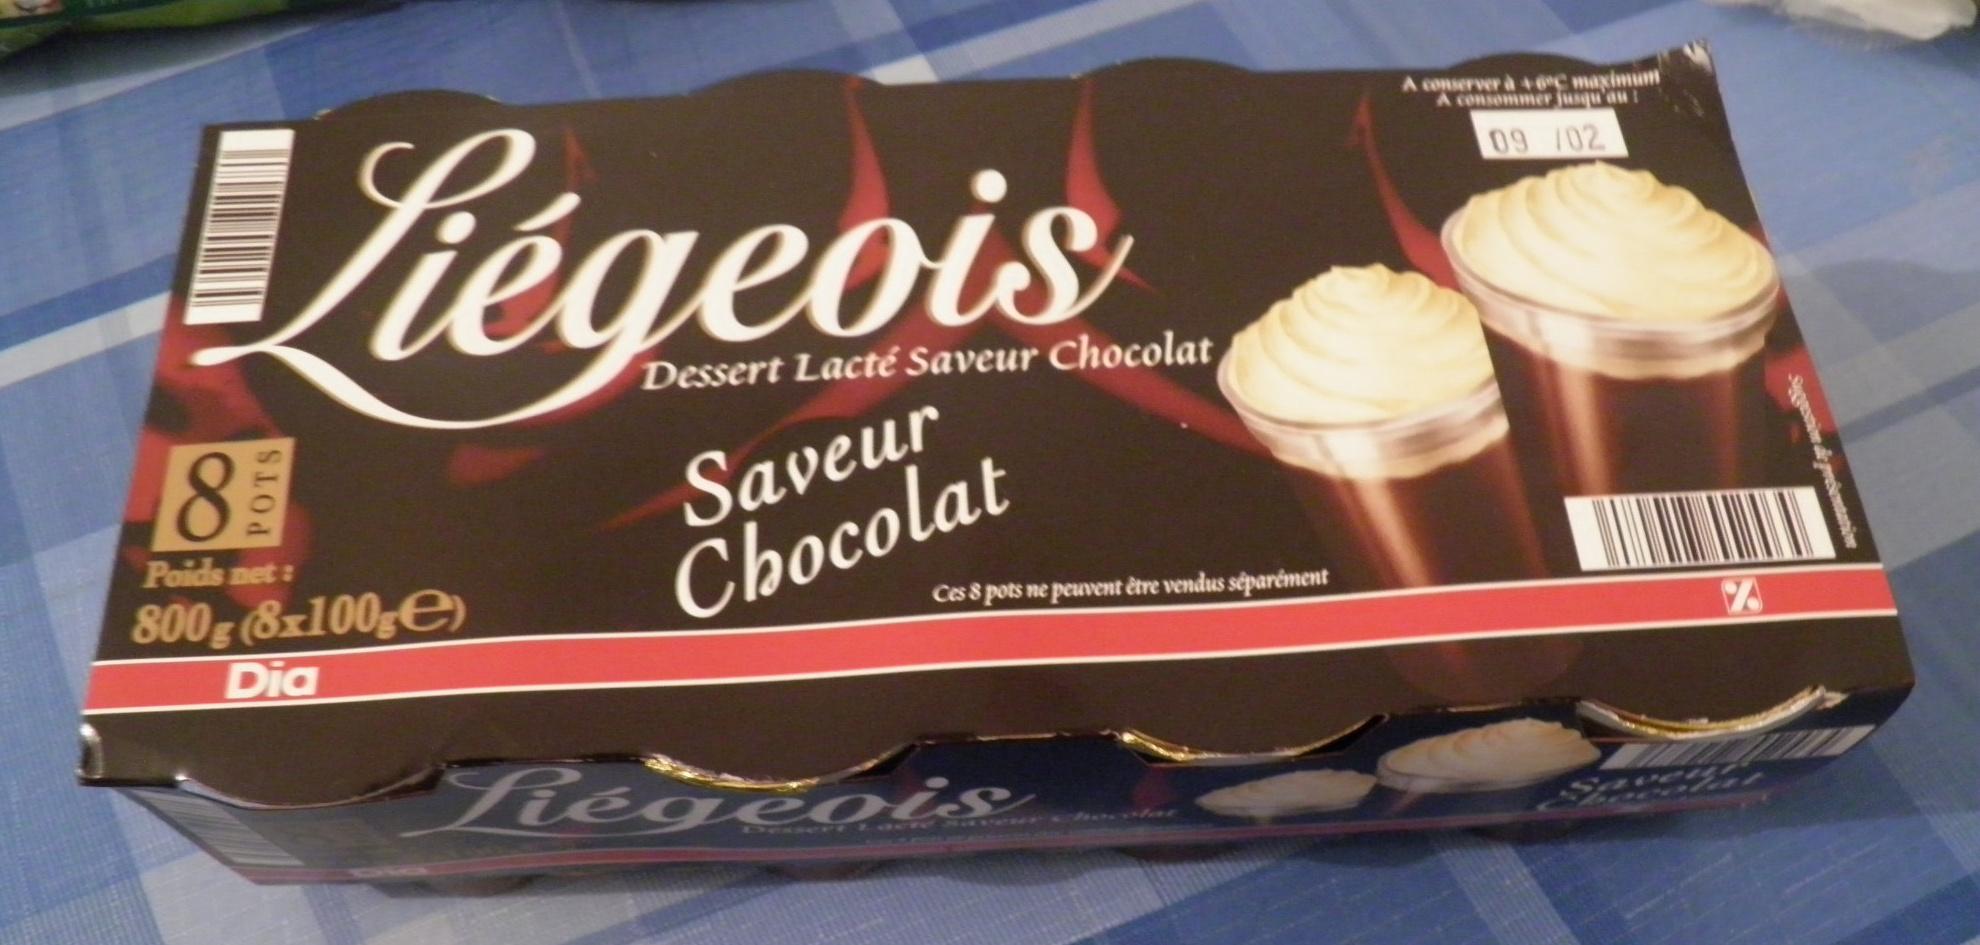 Liégeois Saveur Chocolat Dia - Produit